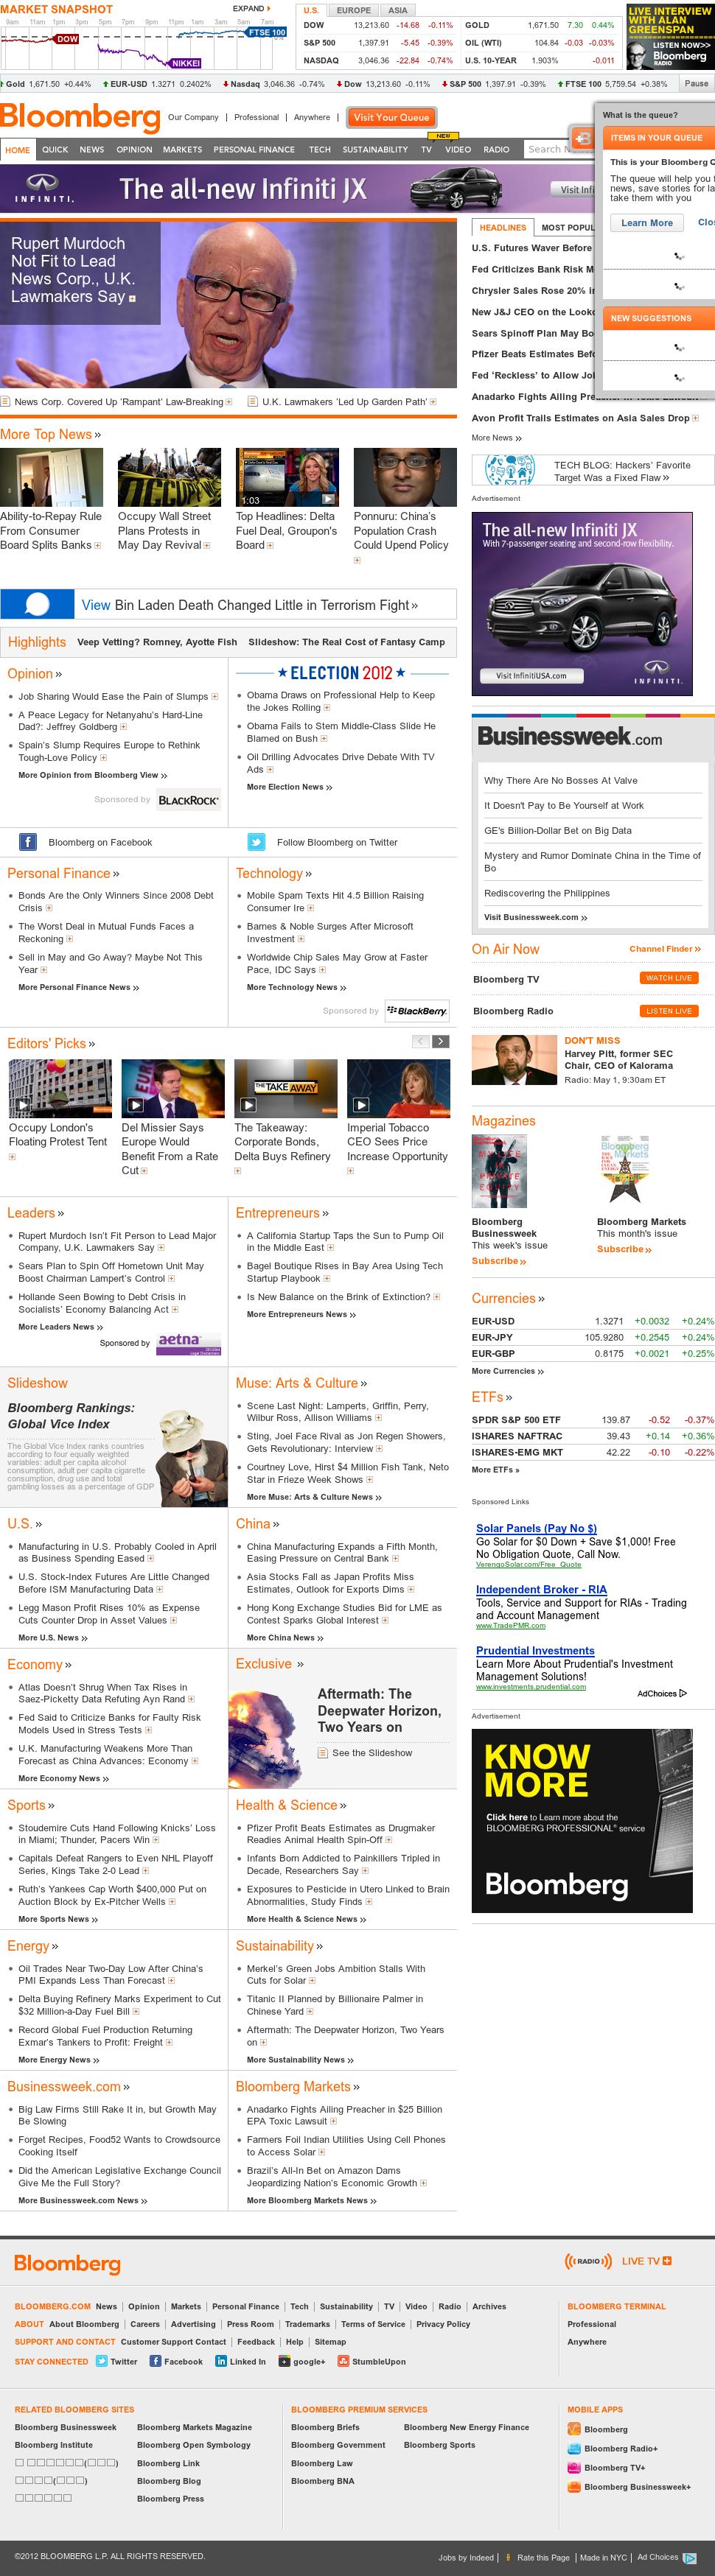 Bloomberg at Tuesday May 1, 2012, 1:01 p.m. UTC